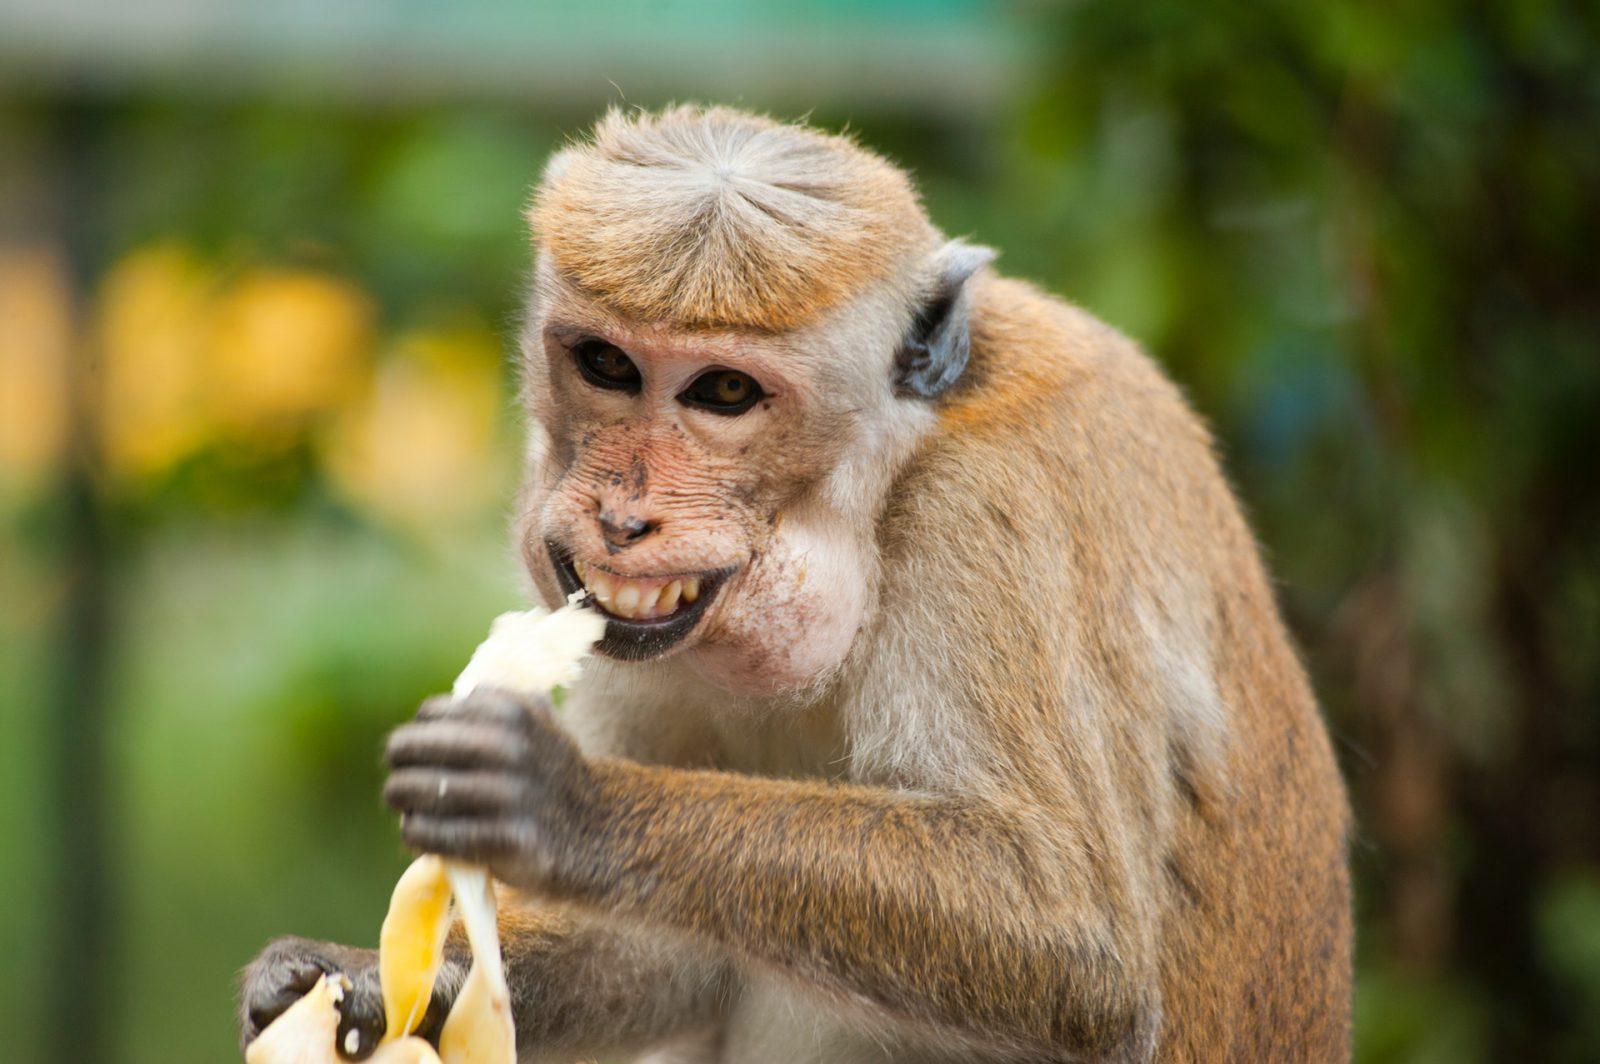 Sonhar com macaco se alimentando não é bom sinal.